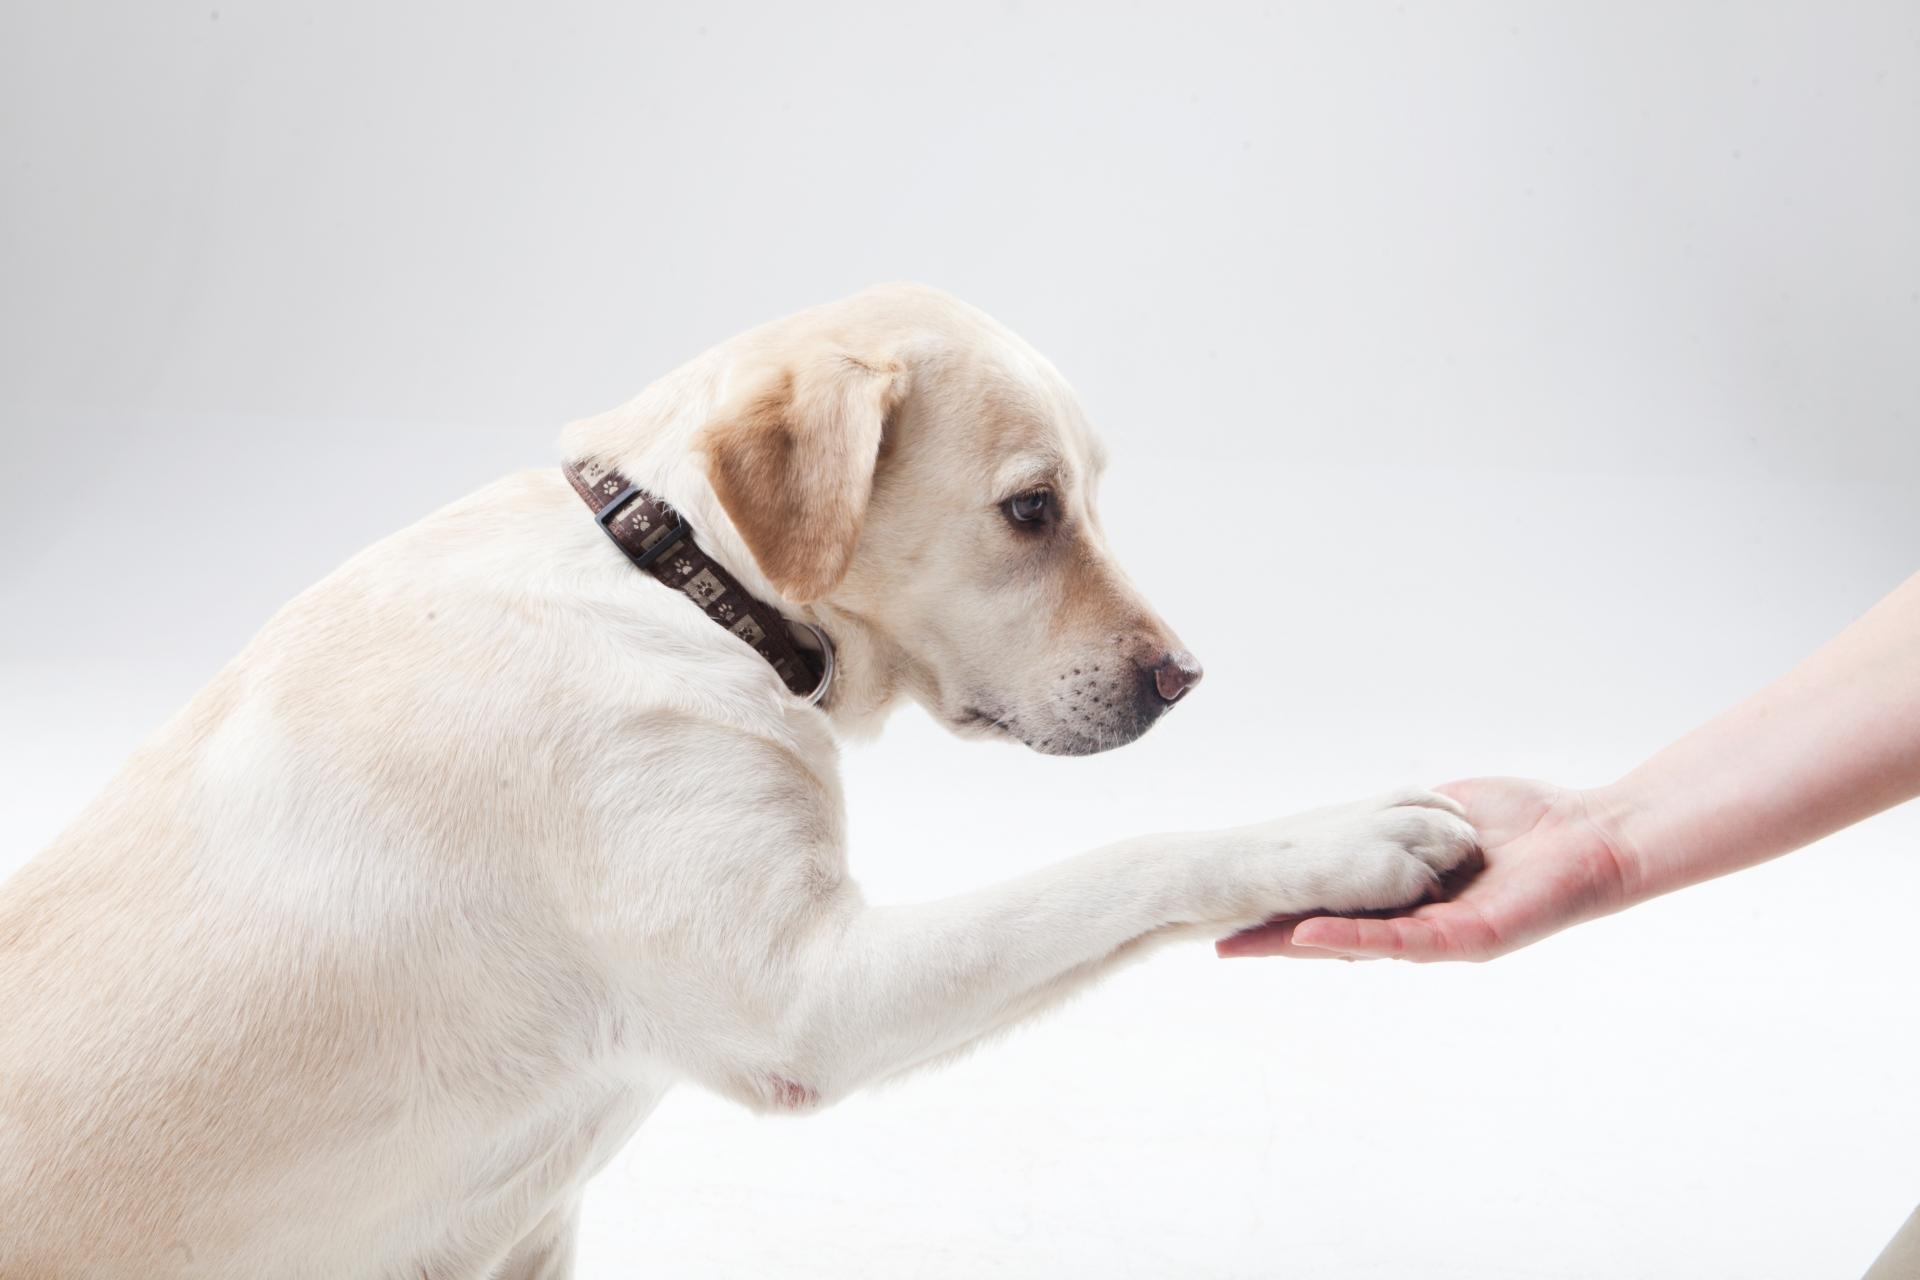 犬のゴミ箱あさり対策のオススメやそのコツと叱り方の注意点とは